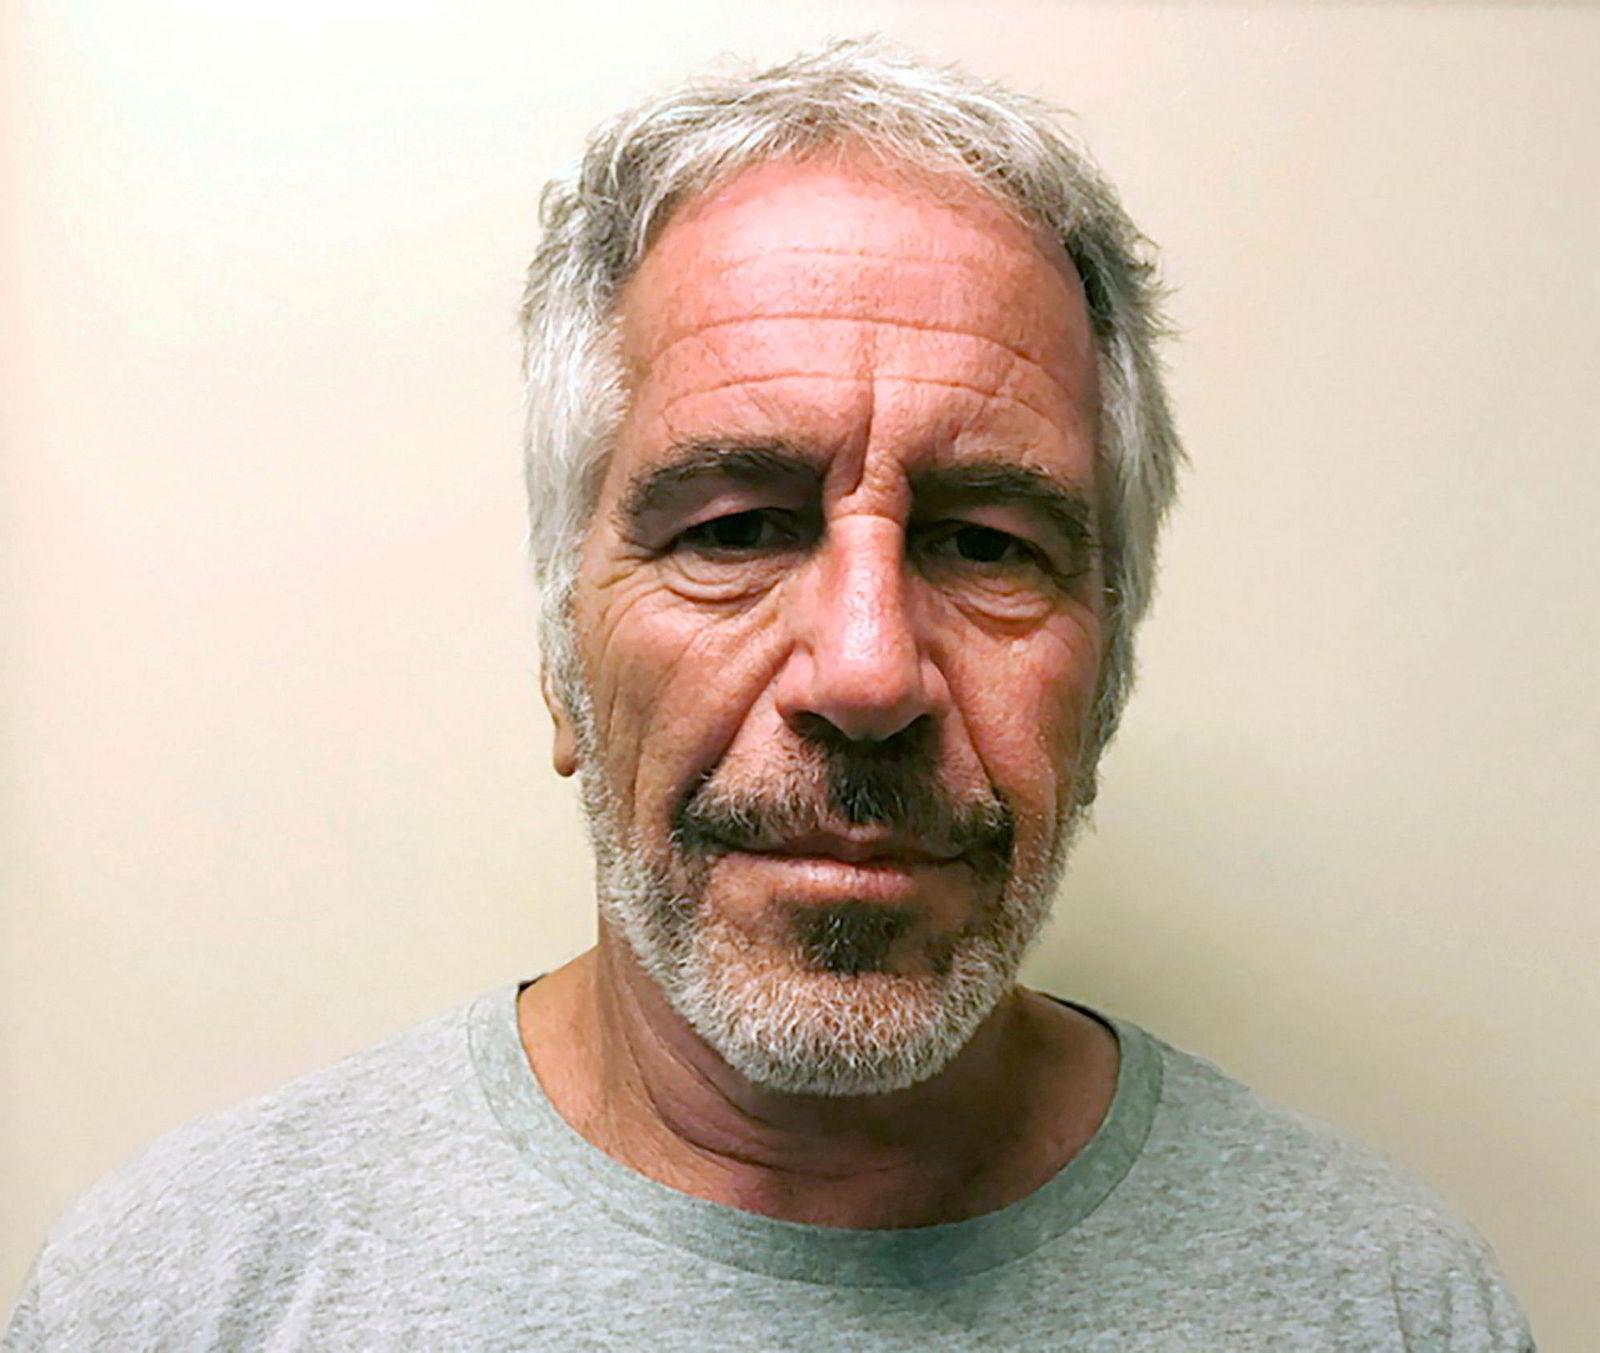 Jeffrey Epstein tok ifølge amerikanske myndigheter livet sitt i august, mens han var i varetektsfengsling.